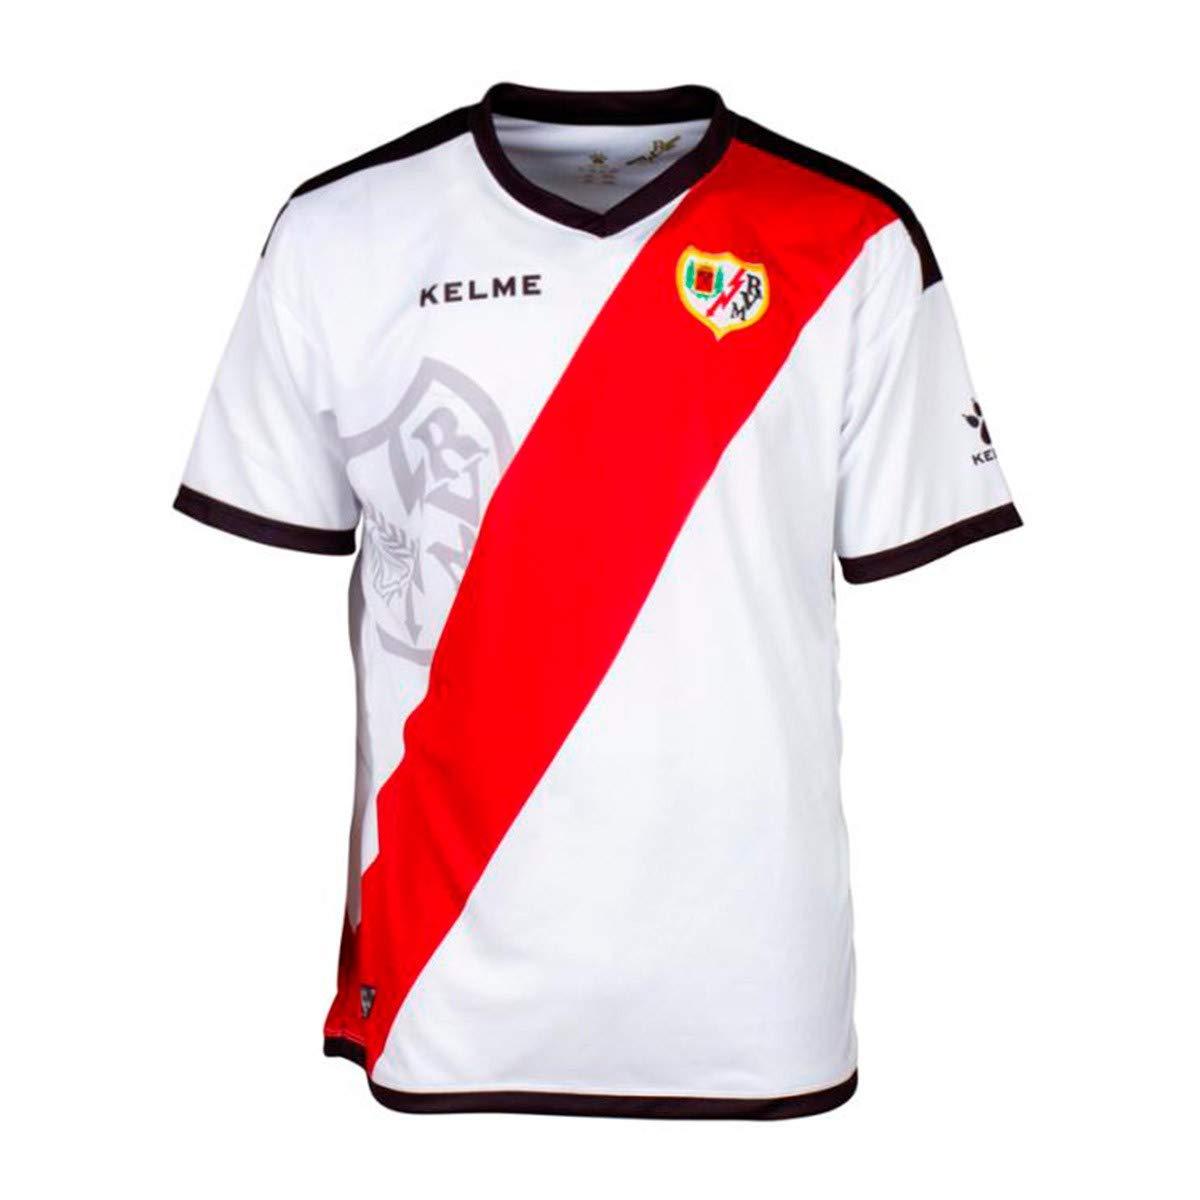 KELME Rayo Vallecano Primera Equipación 2018-2019, Camiseta, White ...